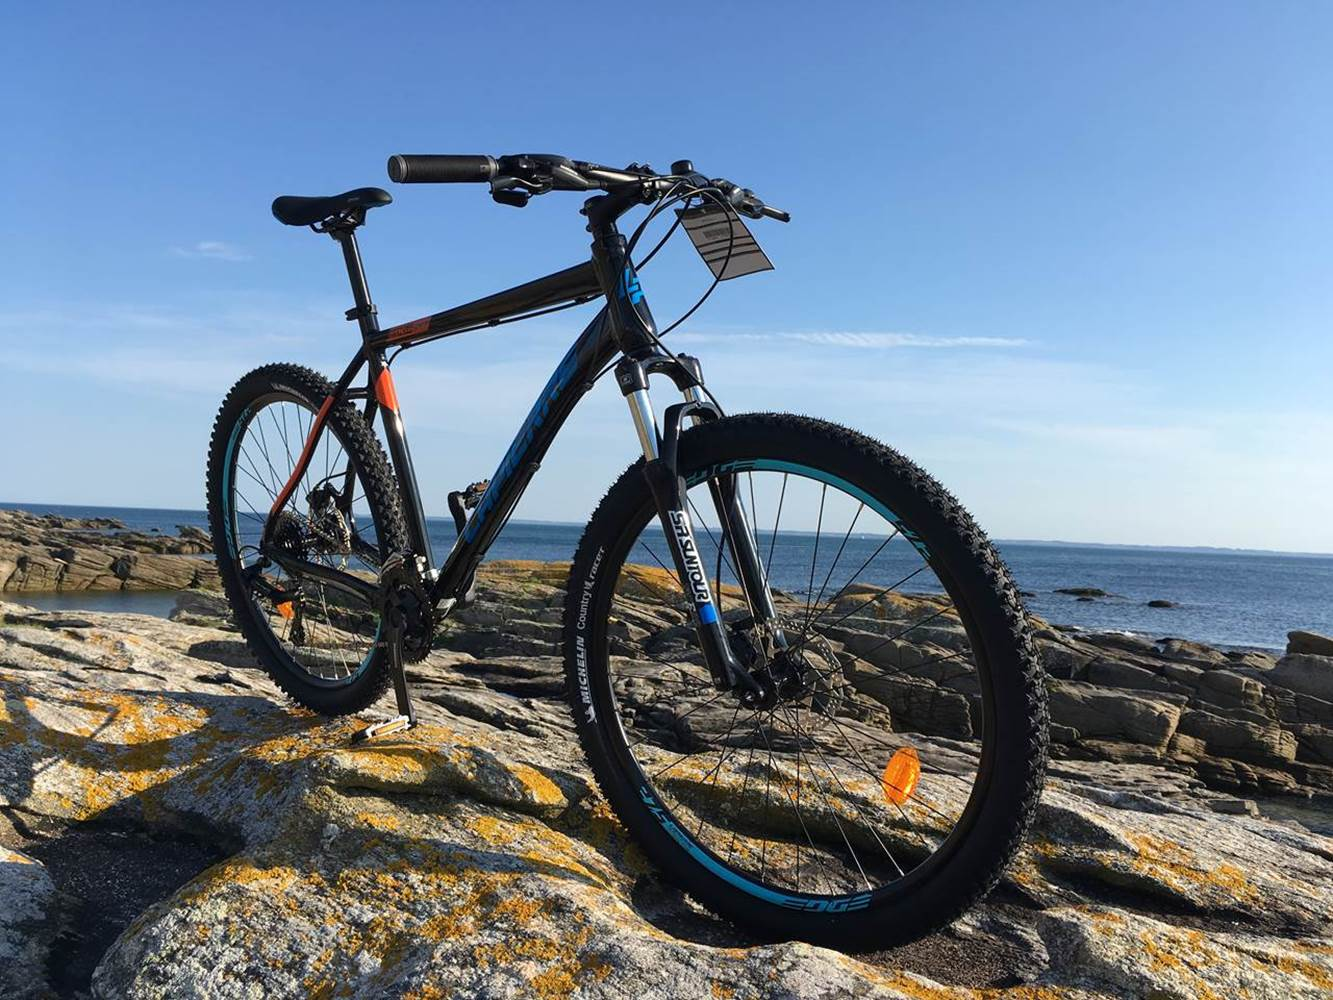 cycles Loisirs-Quiberon-Morbihan-Bretagne Sud © cycles Loisirs